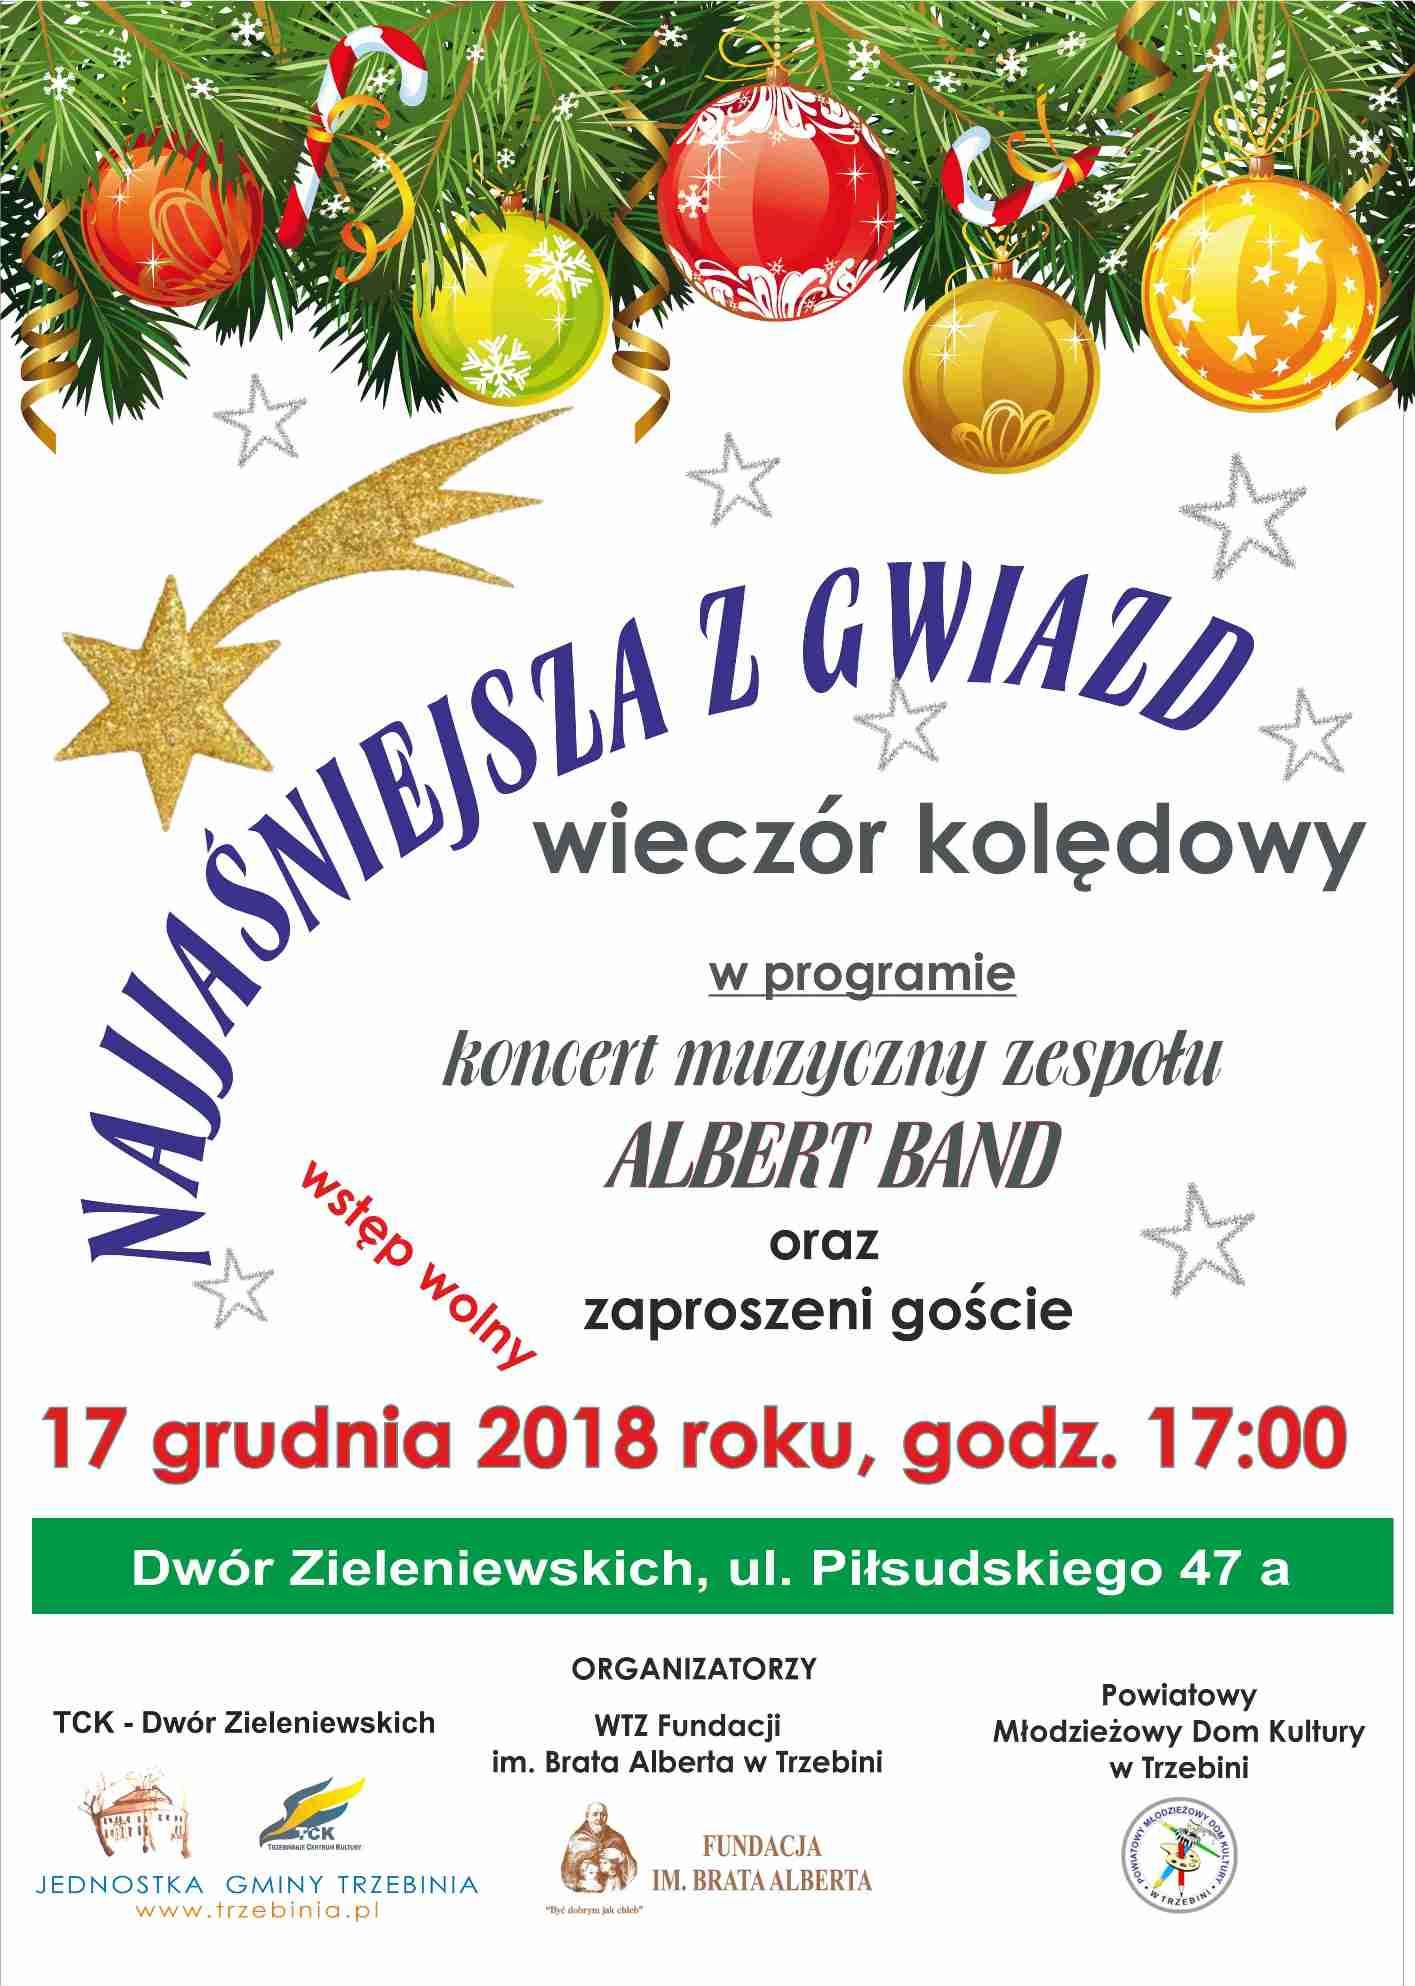 2018 spotkanie kolędowe WTZ